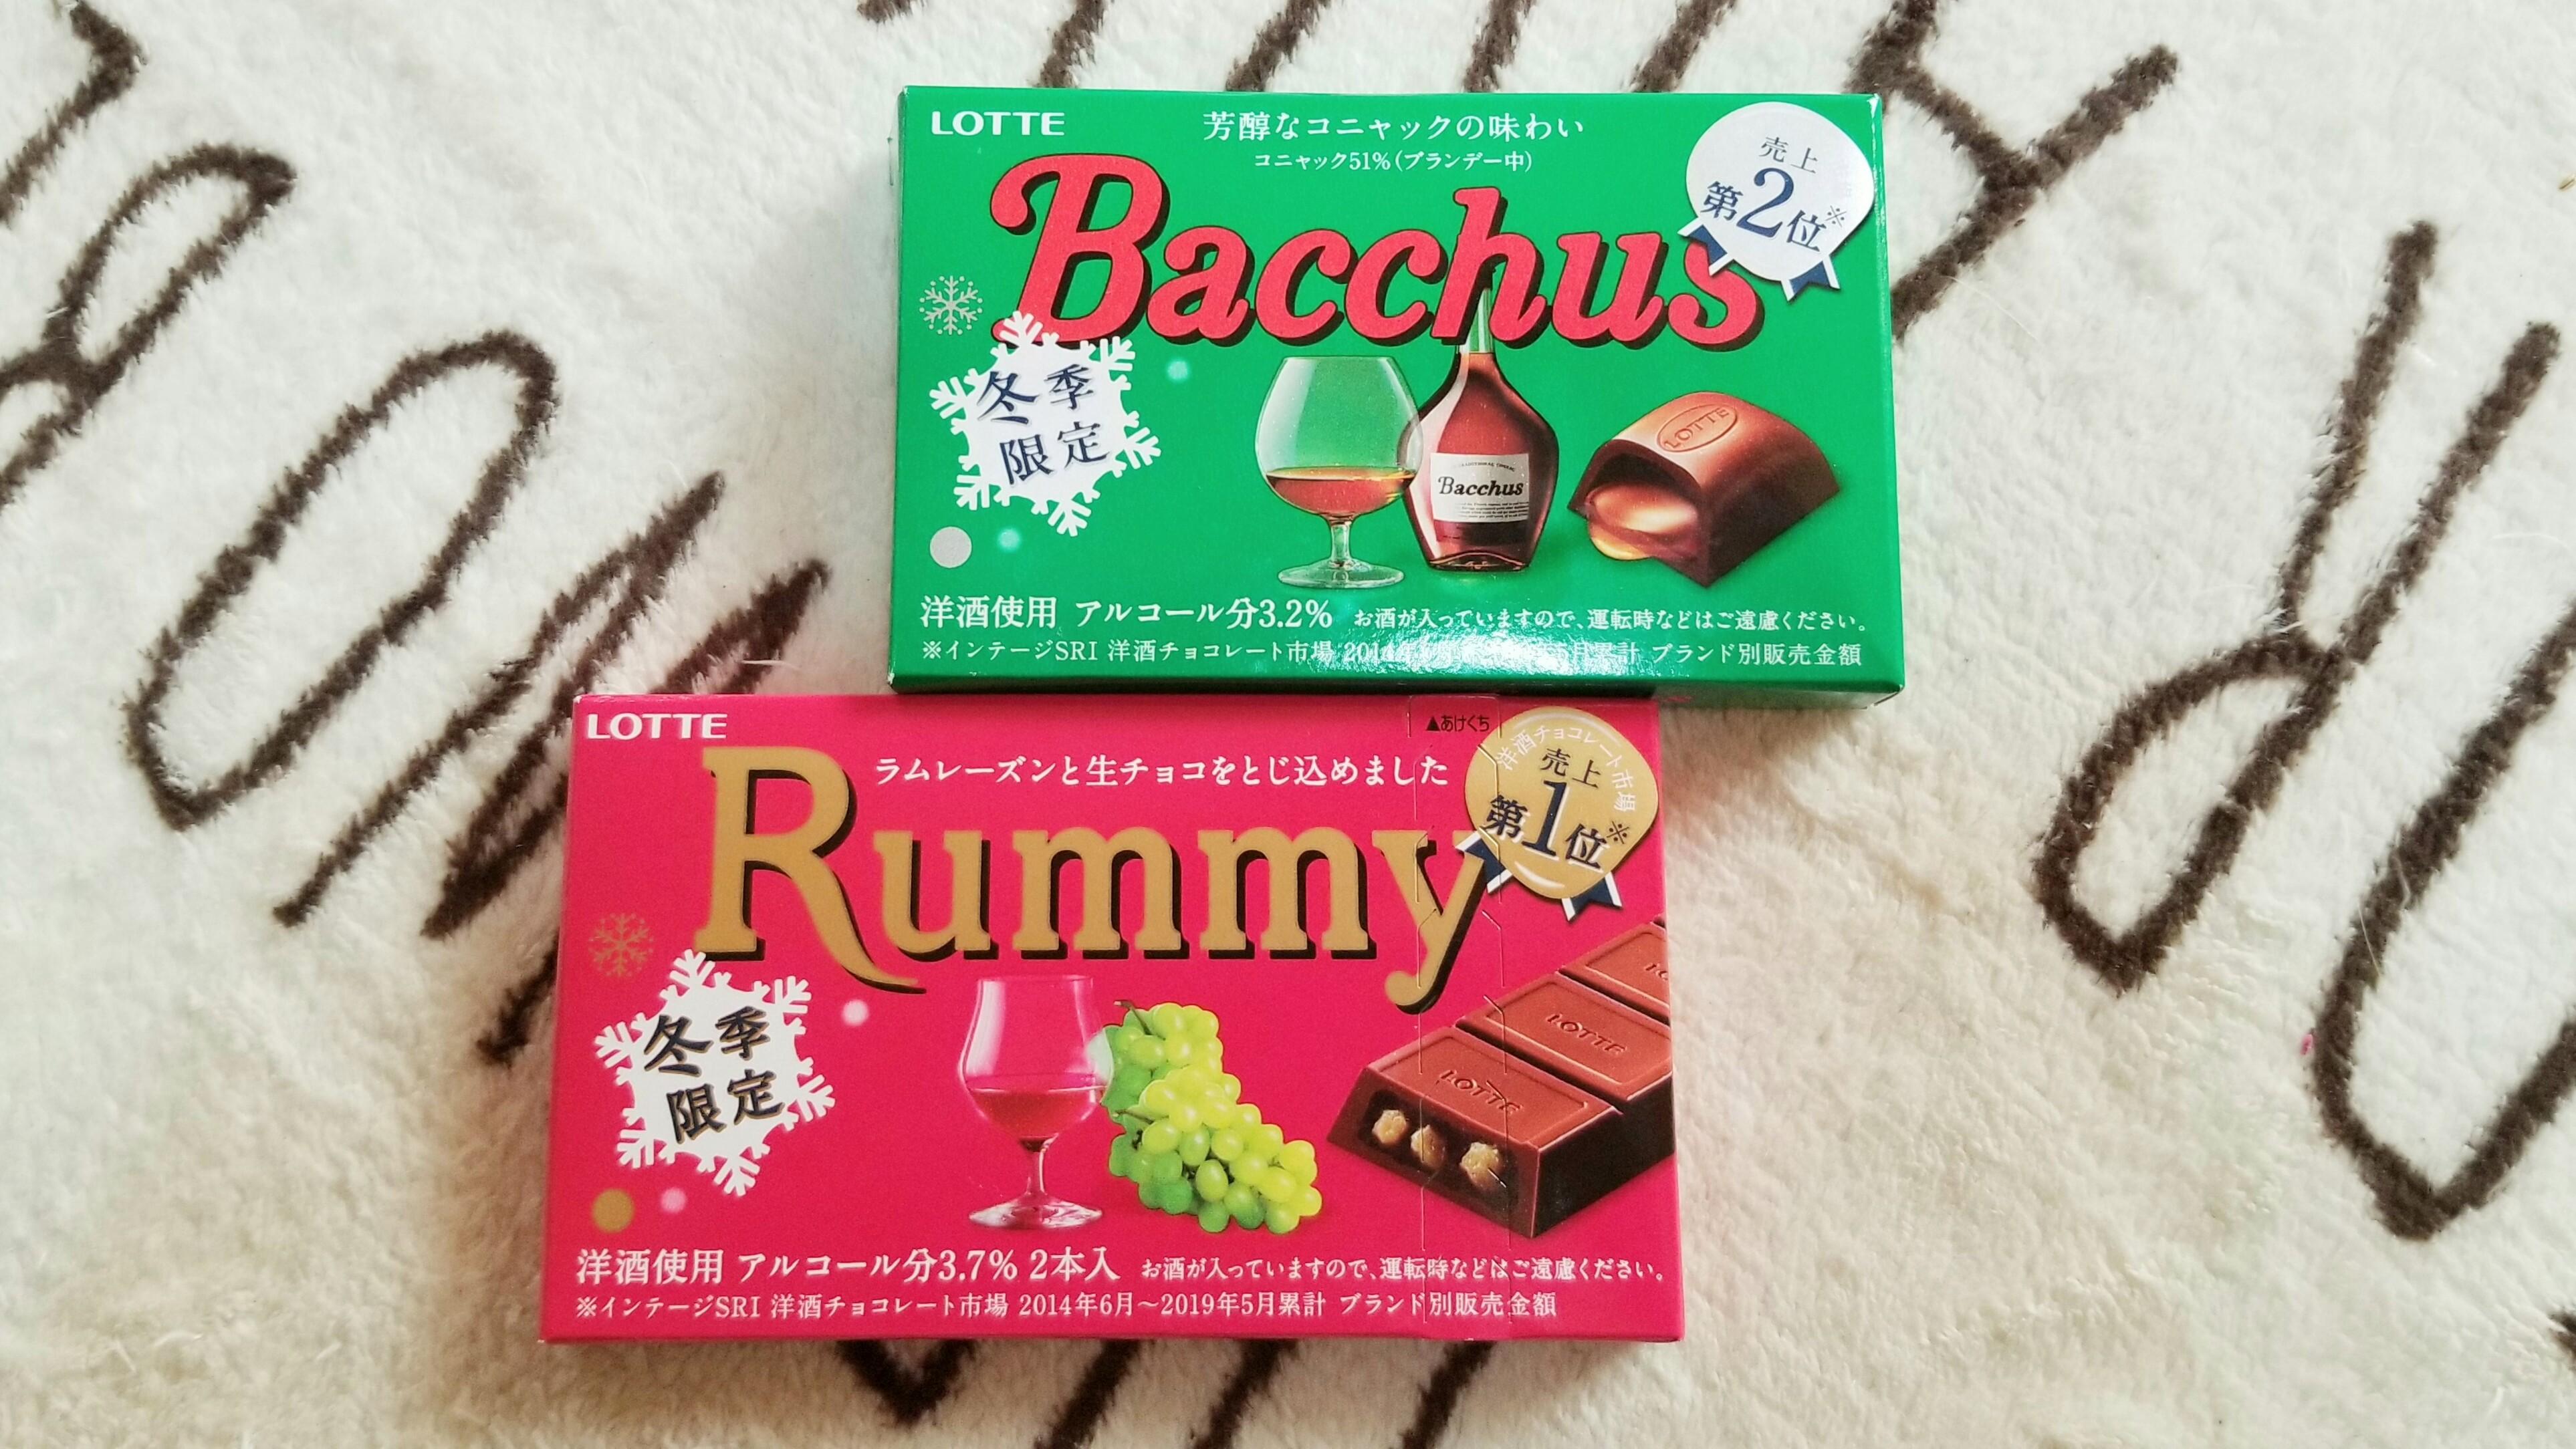 おいしいチョコレートおすすめロッテ冬季限定品ブランデー入り